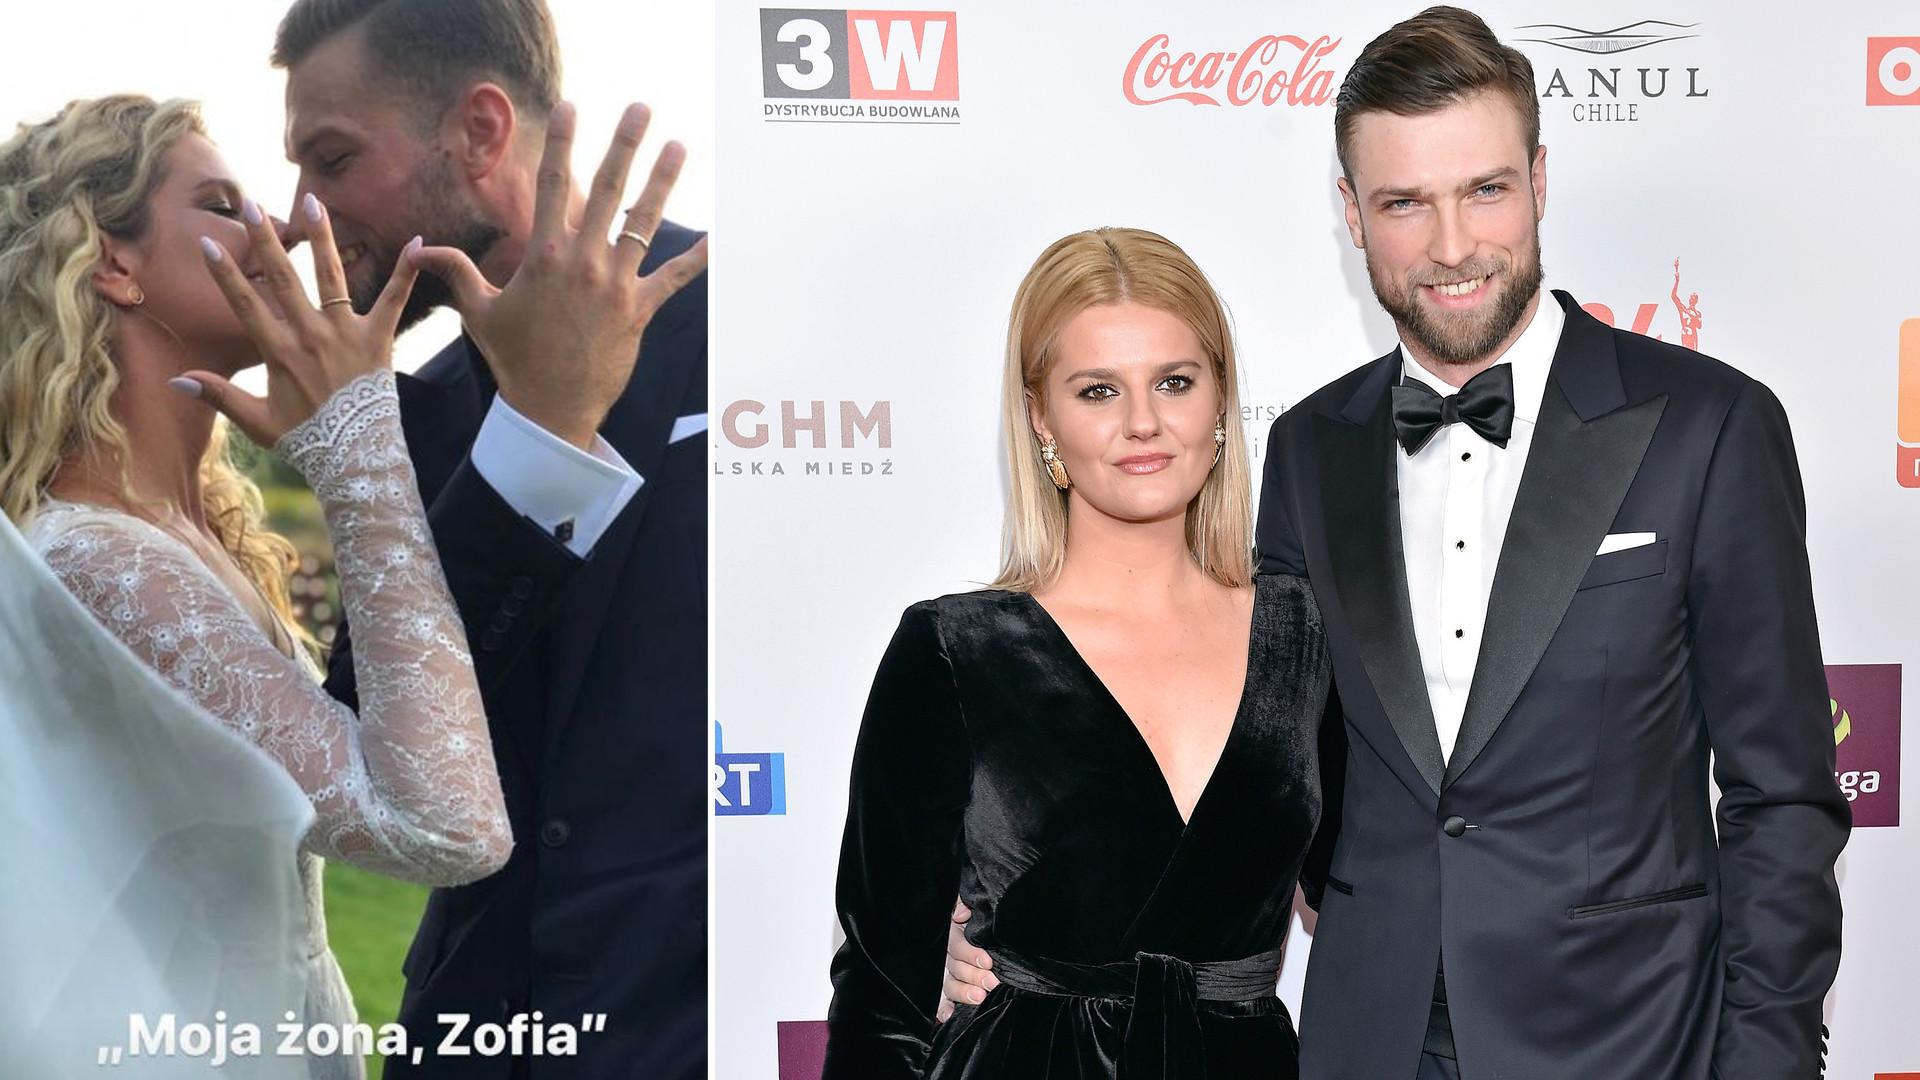 Zofia Zborowska wyszła za mąż za siatkarza, Andrzeja Wronę